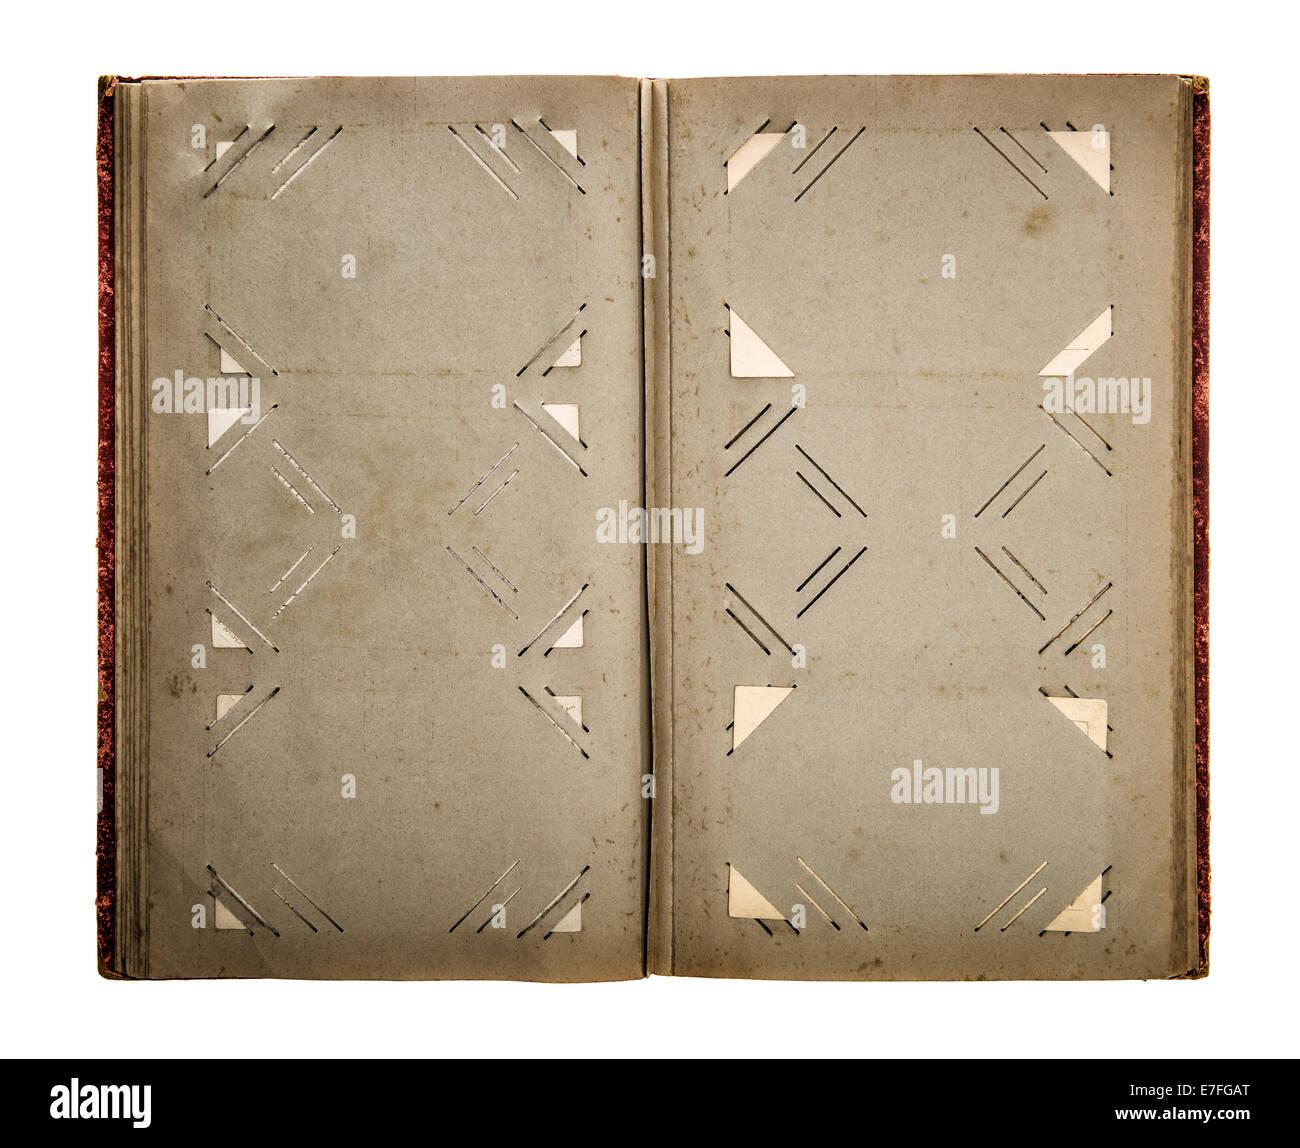 ffnen sie vintage fotoalbum mit schmutziger alter papierseiten isoliert auf wei em hintergrund. Black Bedroom Furniture Sets. Home Design Ideas